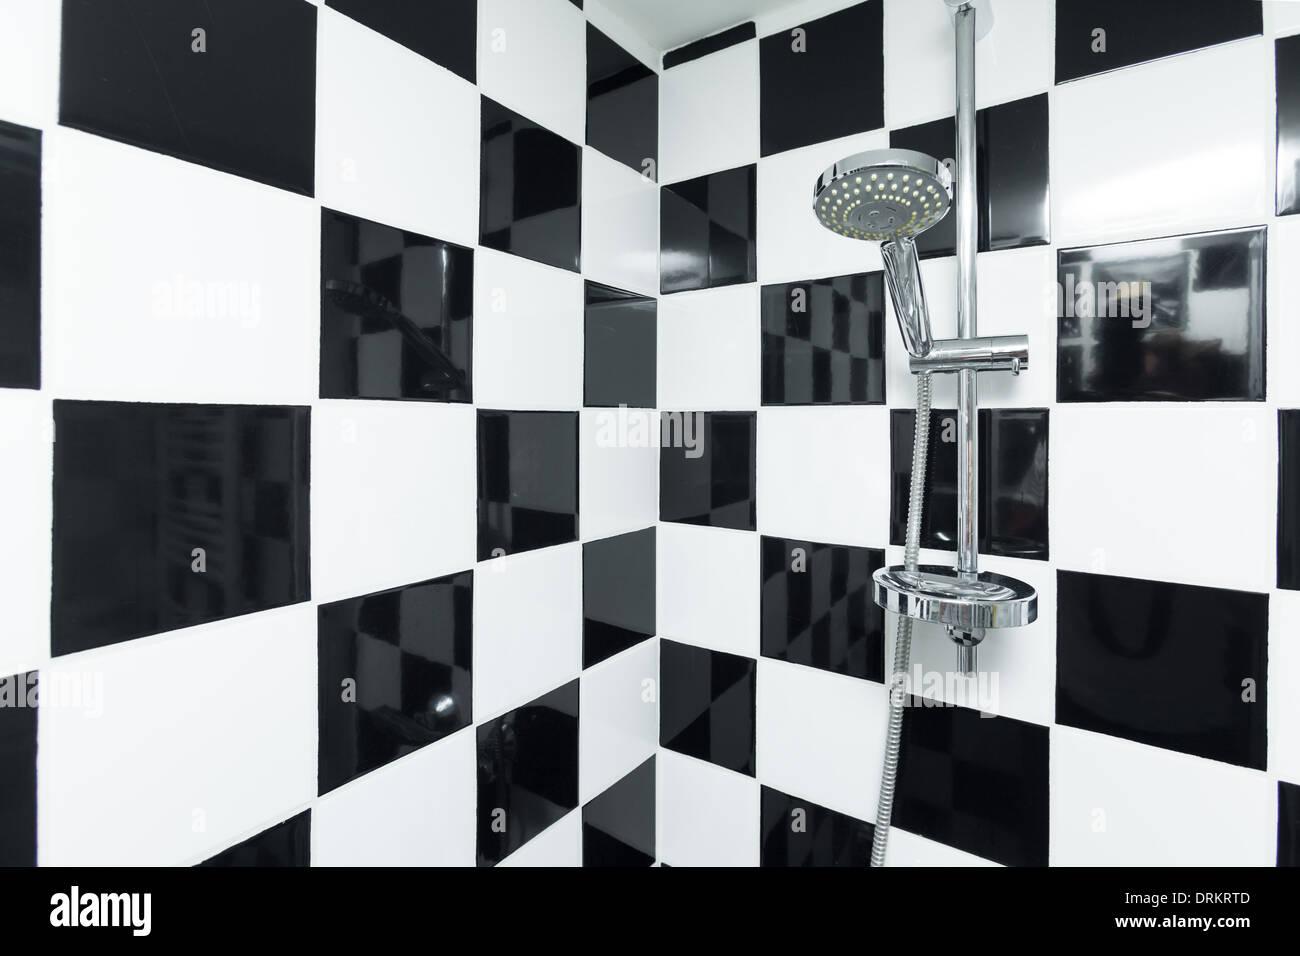 Bathroom Black White Tiles Stock Photos & Bathroom Black White Tiles ...